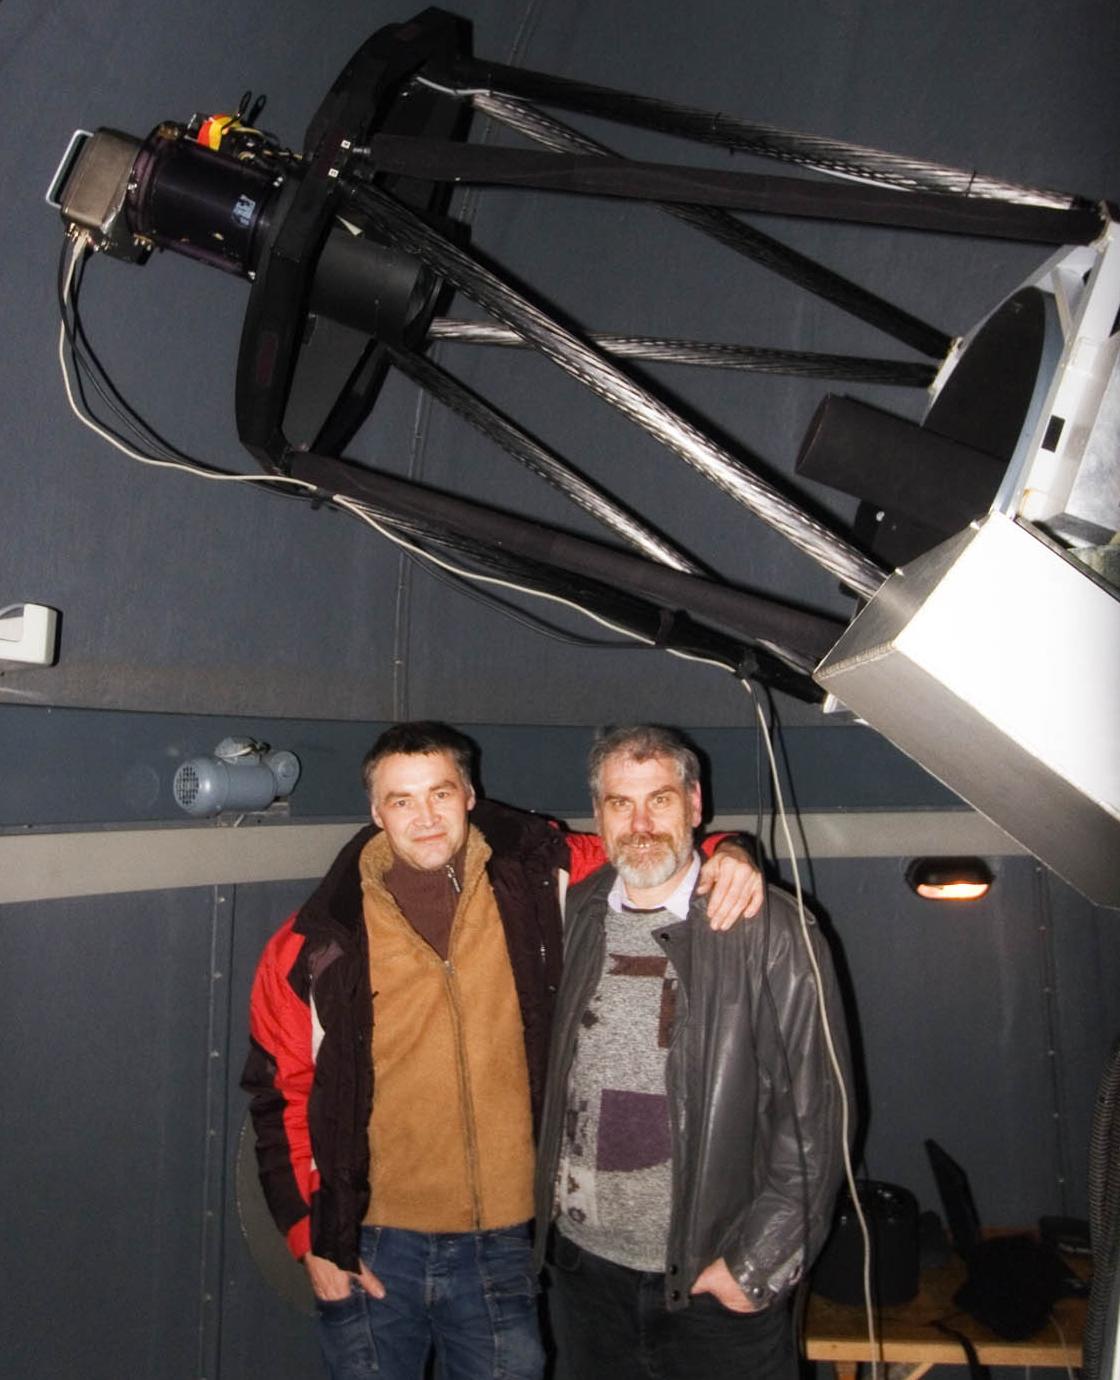 Die Entdecker Erwin Schwab und Rainer Kling (rechts) am Entdeckungsteleskop Foto: Sighard Schräbler